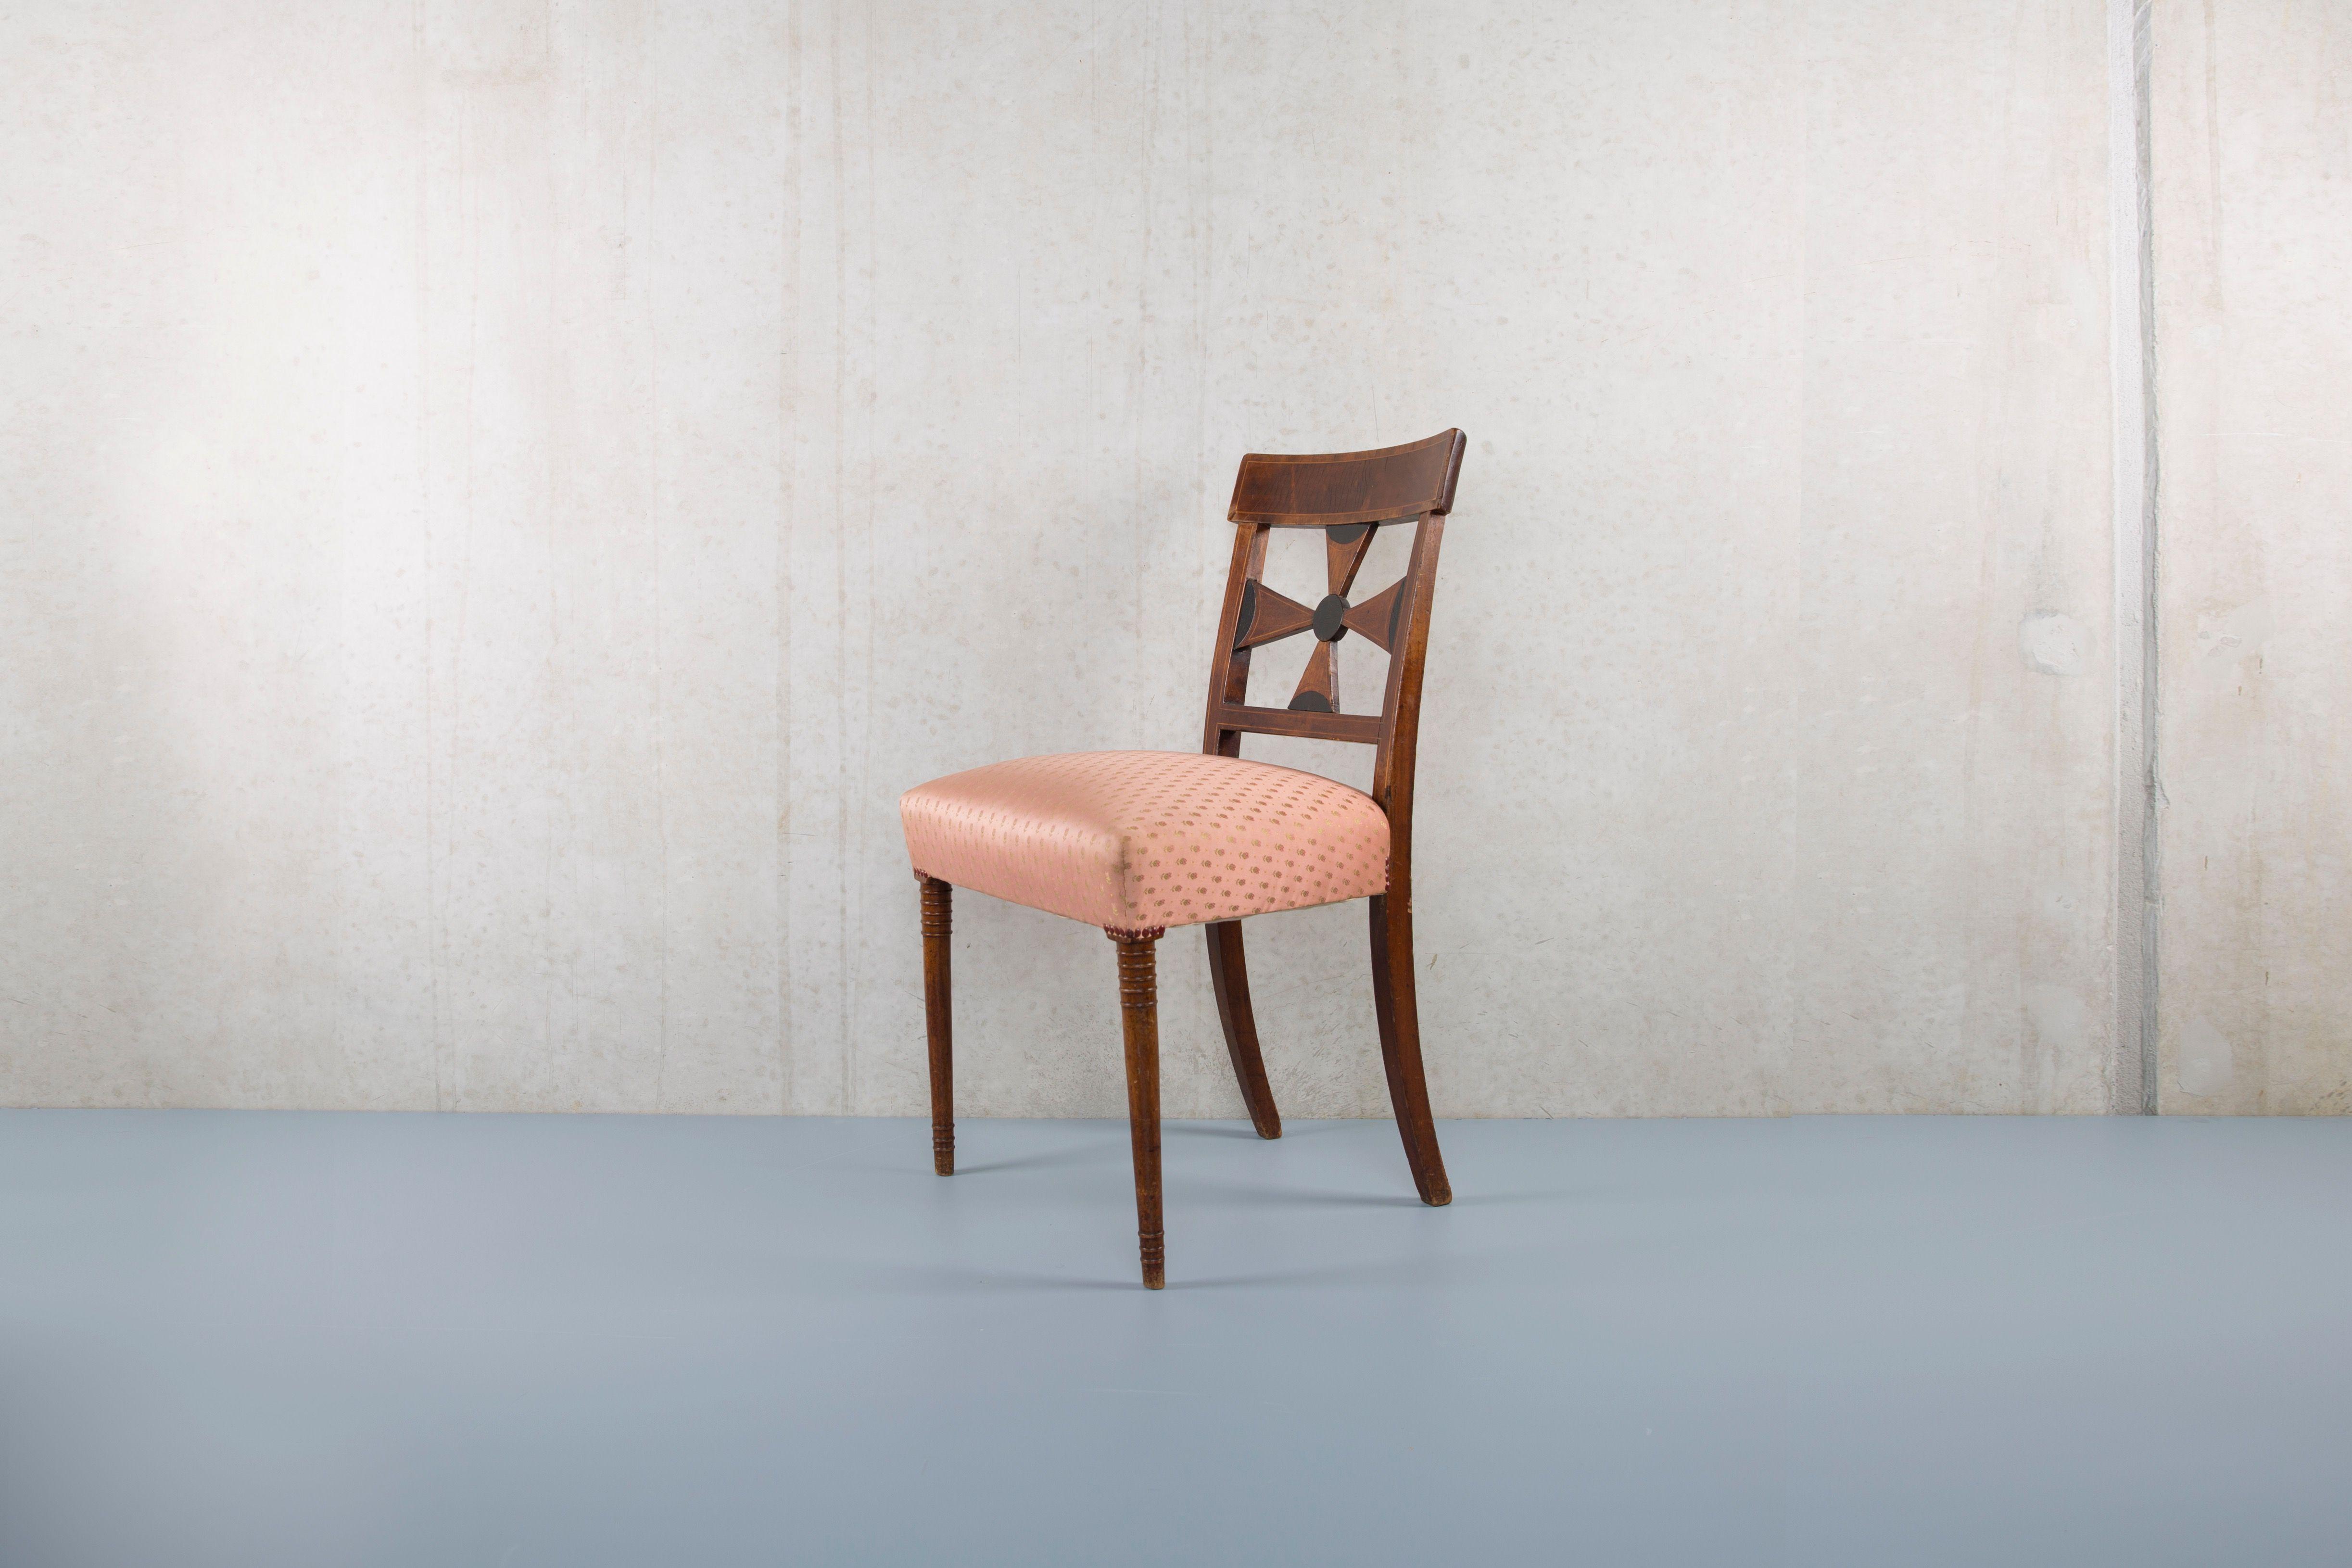 Biedermeier Antiquitäten Stuhl Antiquitäten Stuhl Antiquitäten Biedermeier MahagoniStühle Biedermeier MahagoniStühle Biedermeier MahagoniStühle Stuhl QtrhdCs